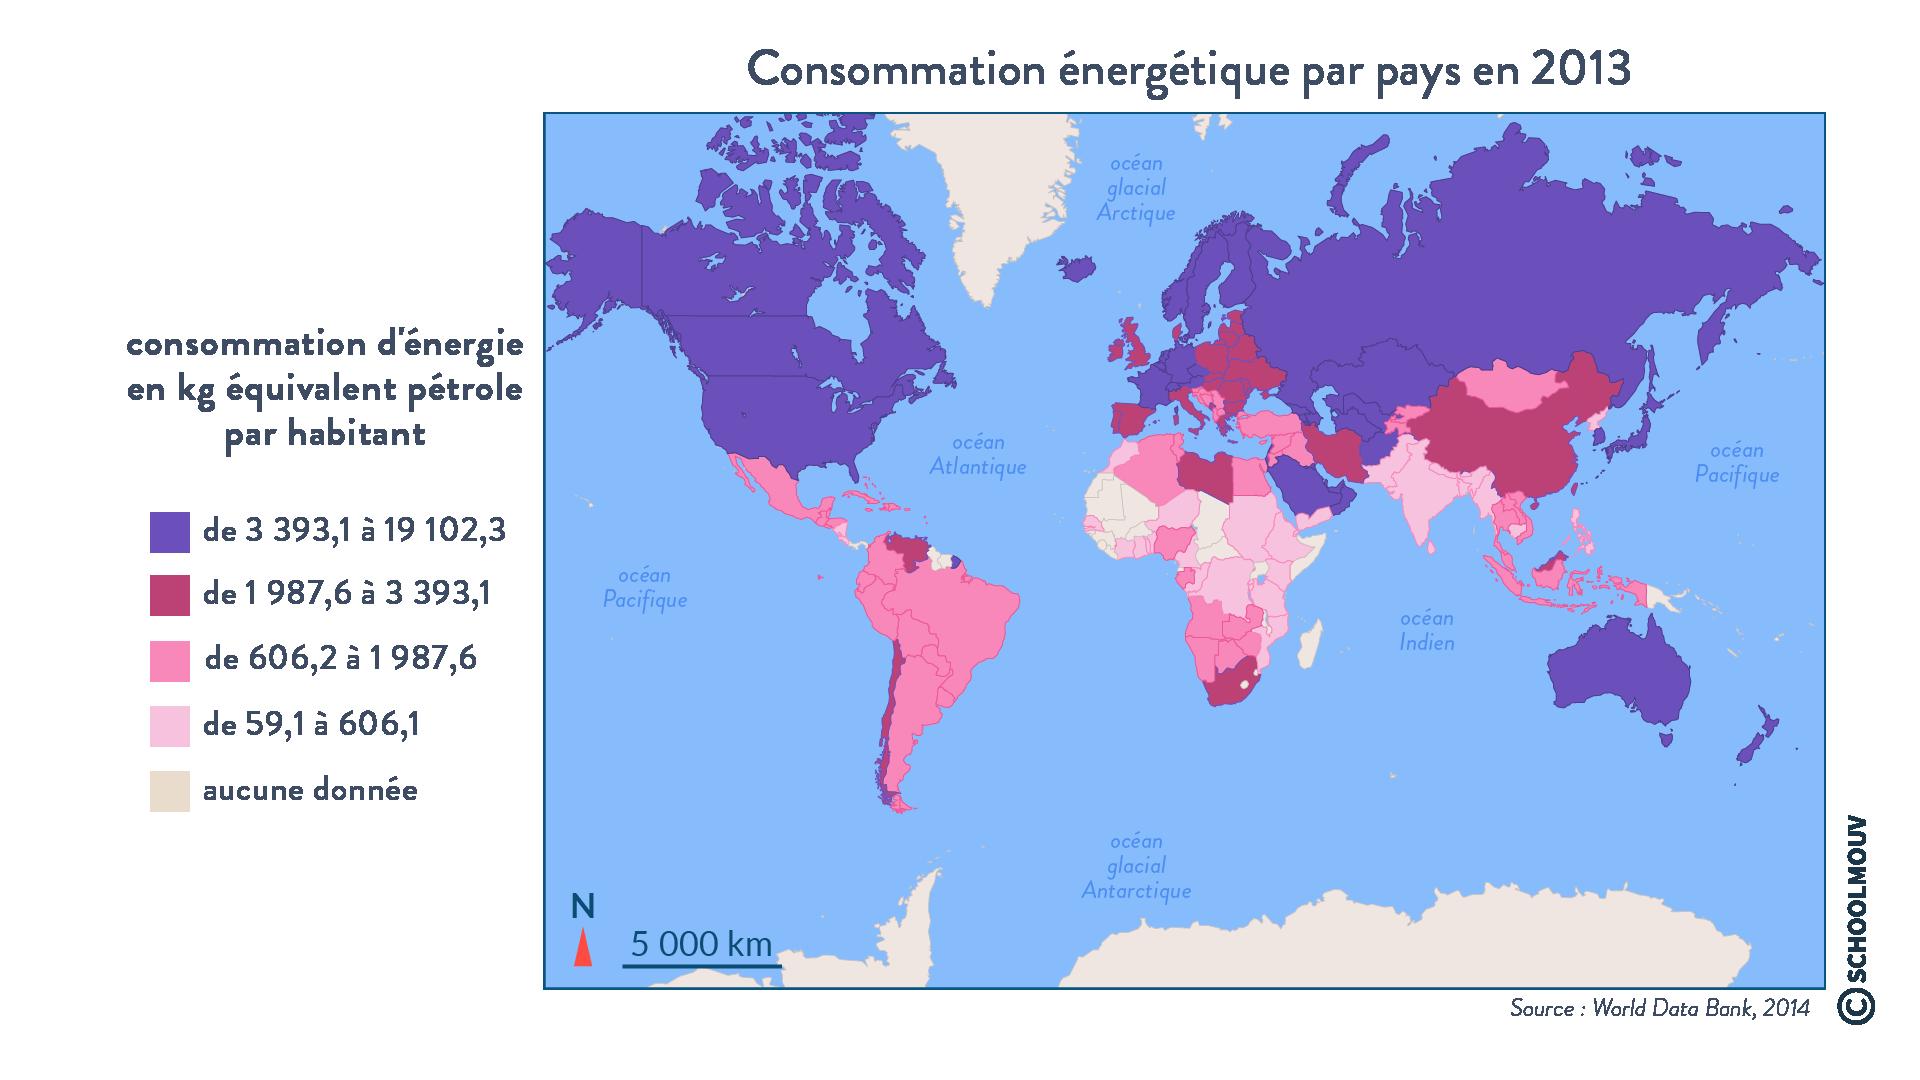 Consommation énergétique par pays